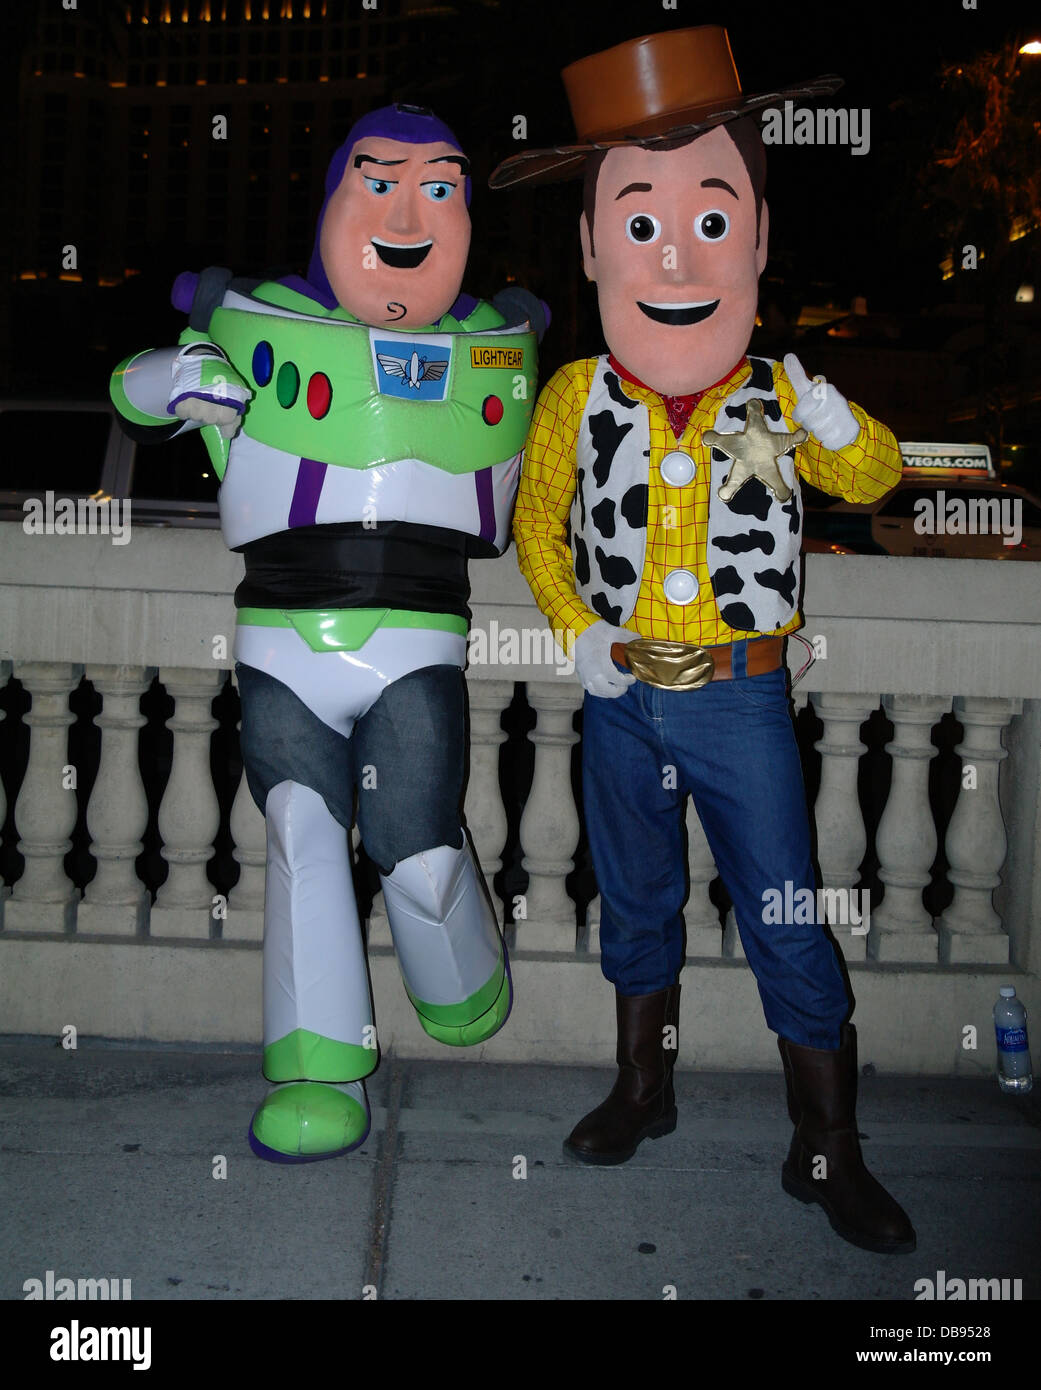 Des Toy Amuseurs Vue De Buzz Publics Comme L Story Nuit Habillé 513TlFKuJc